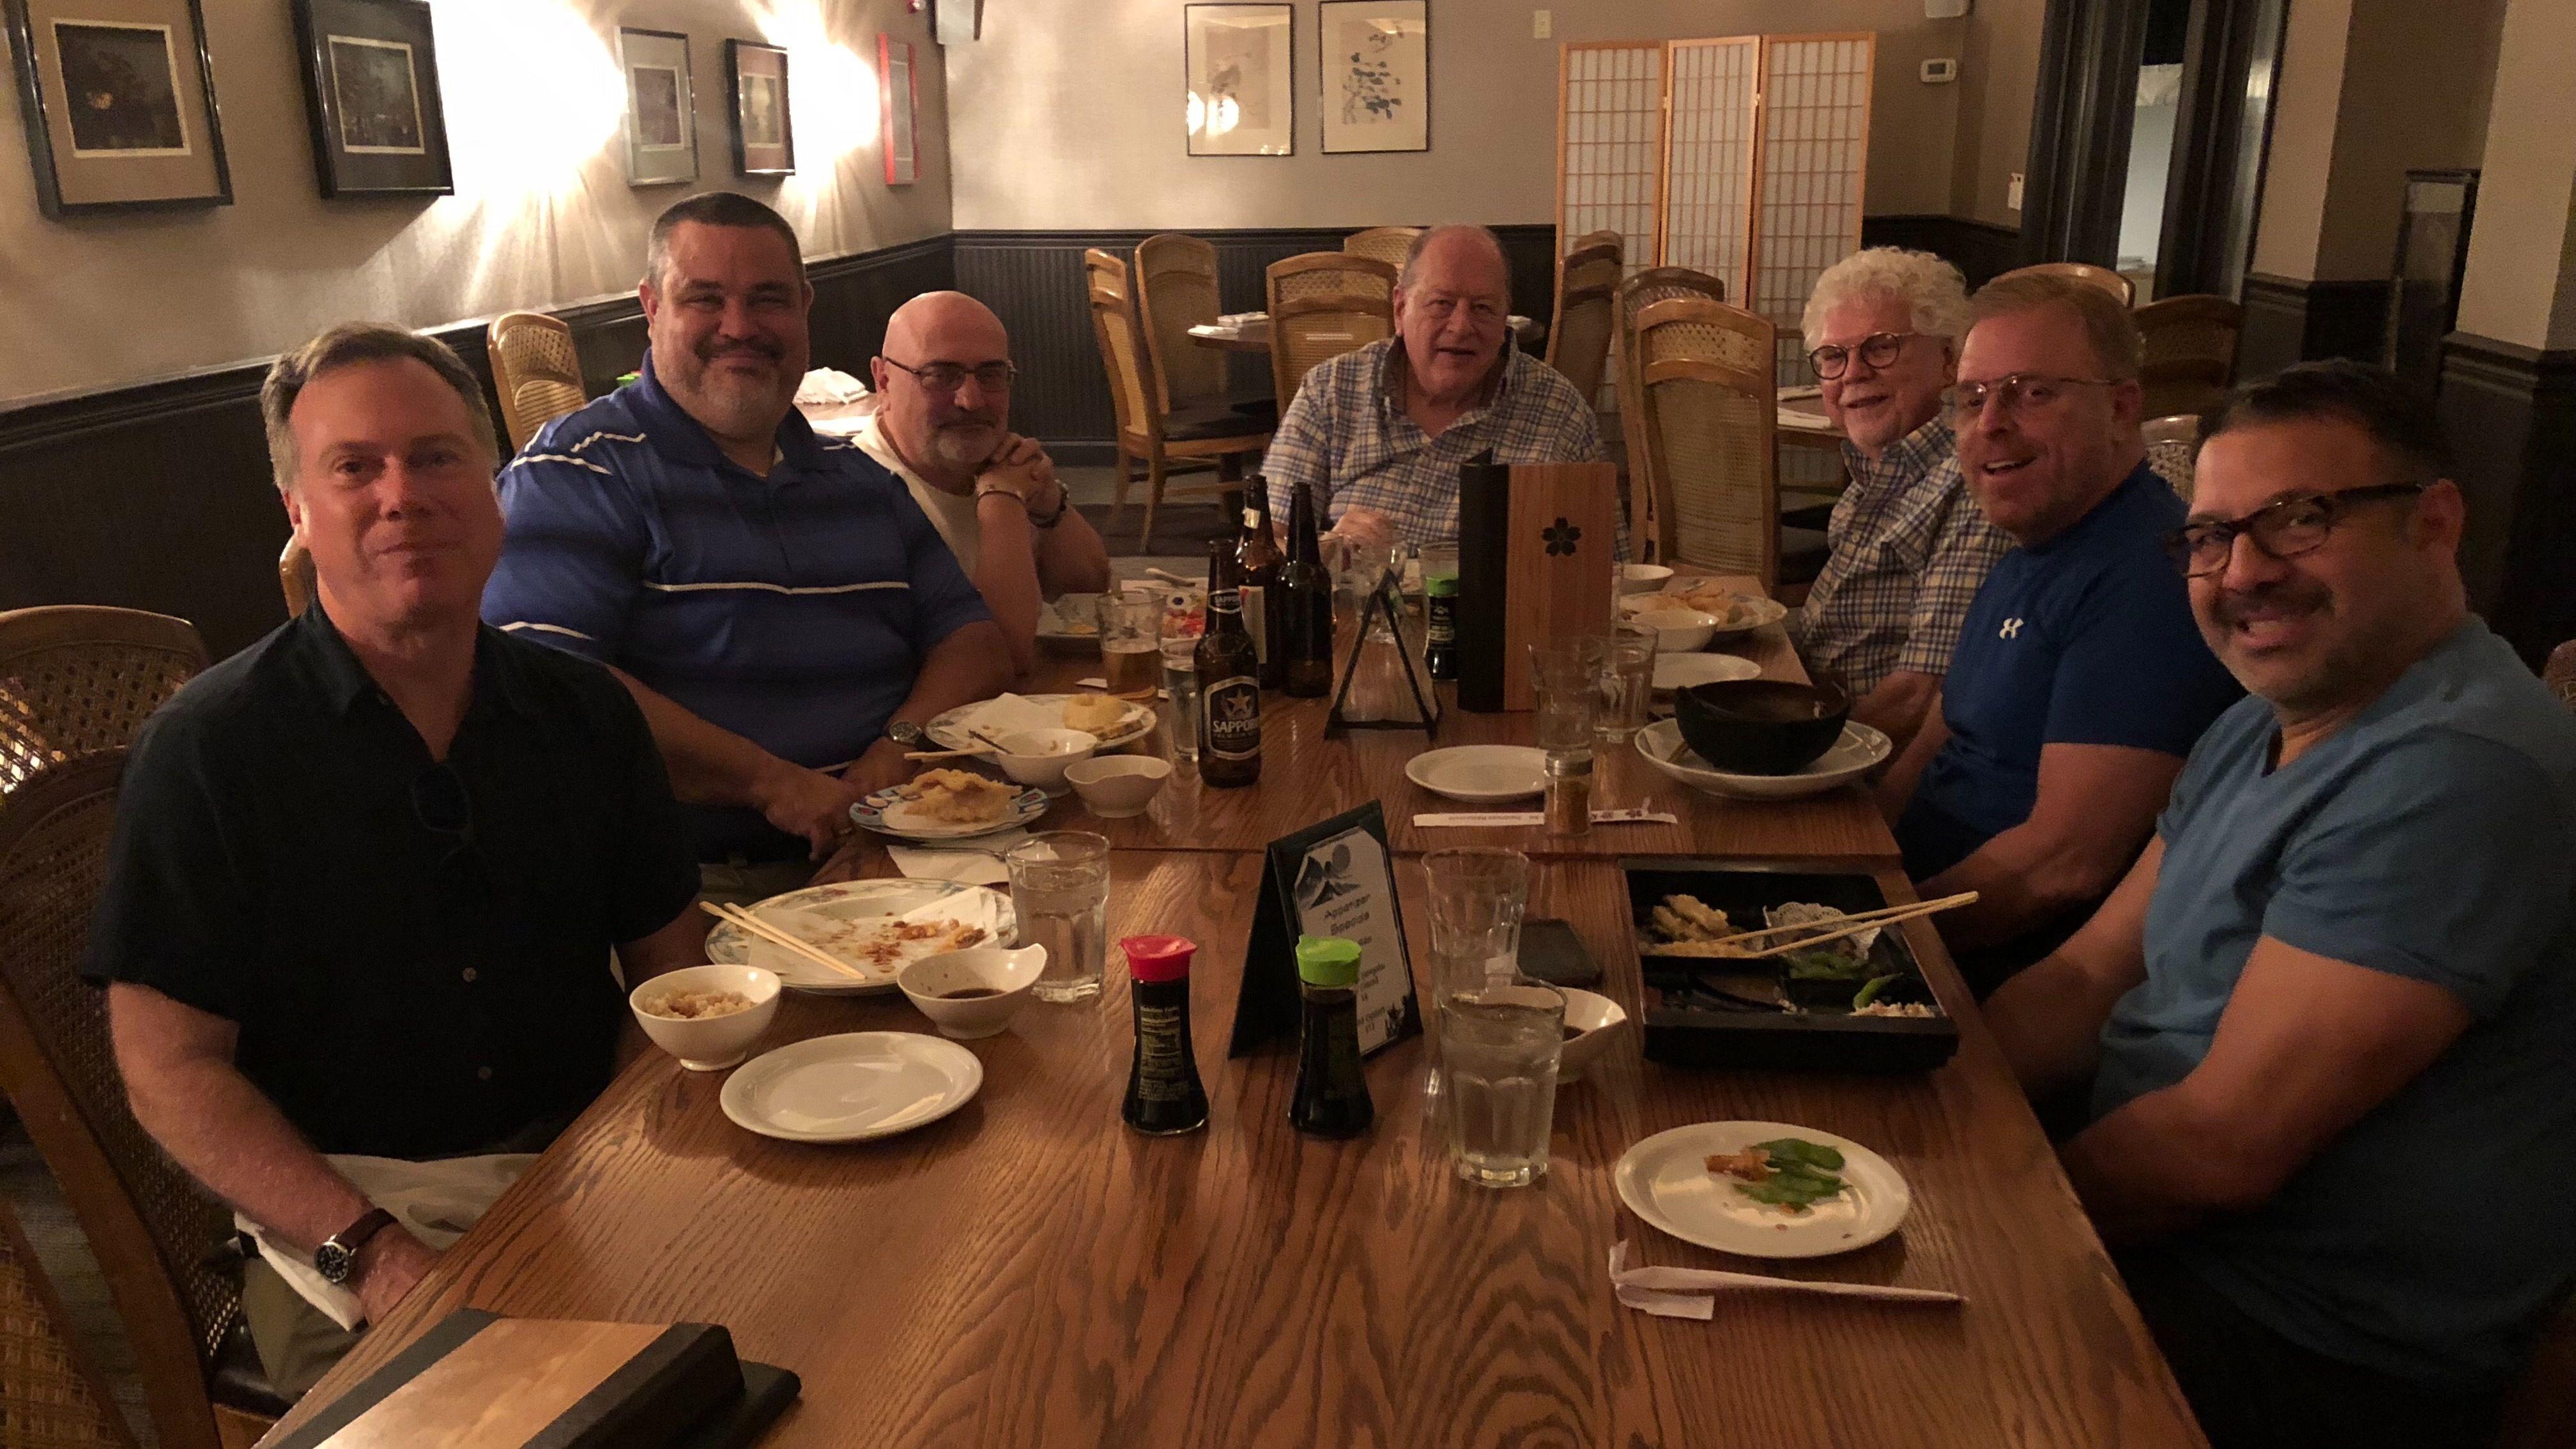 Denver Gay Men Dining Out